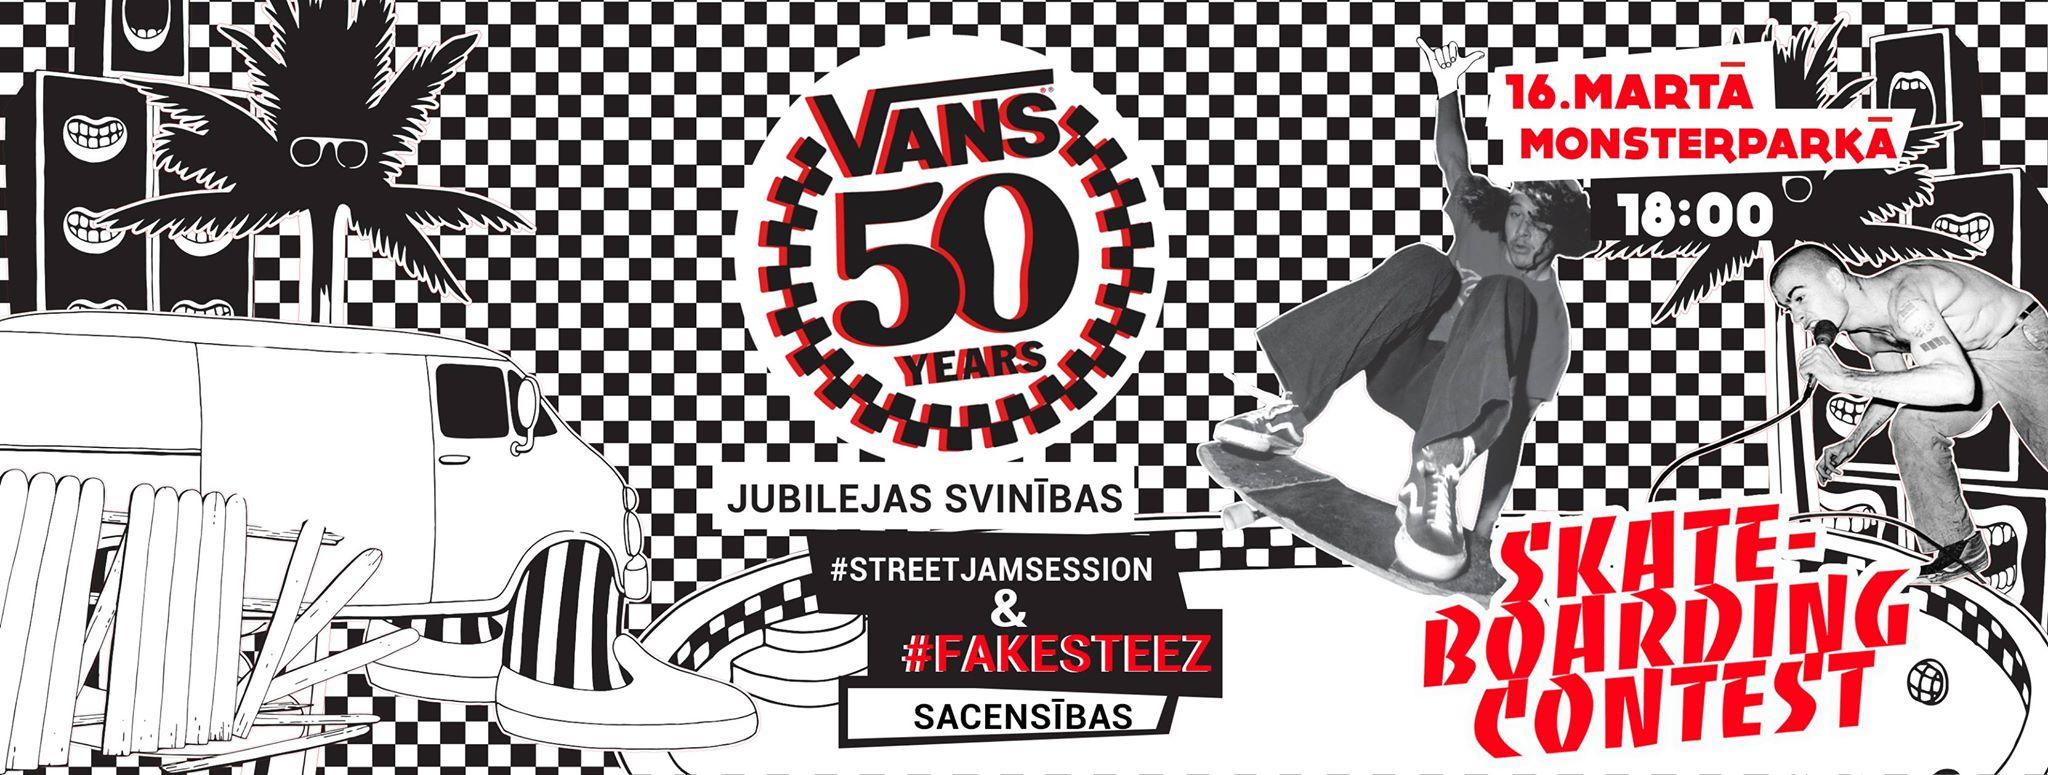 Vans 50 gadu jubileja